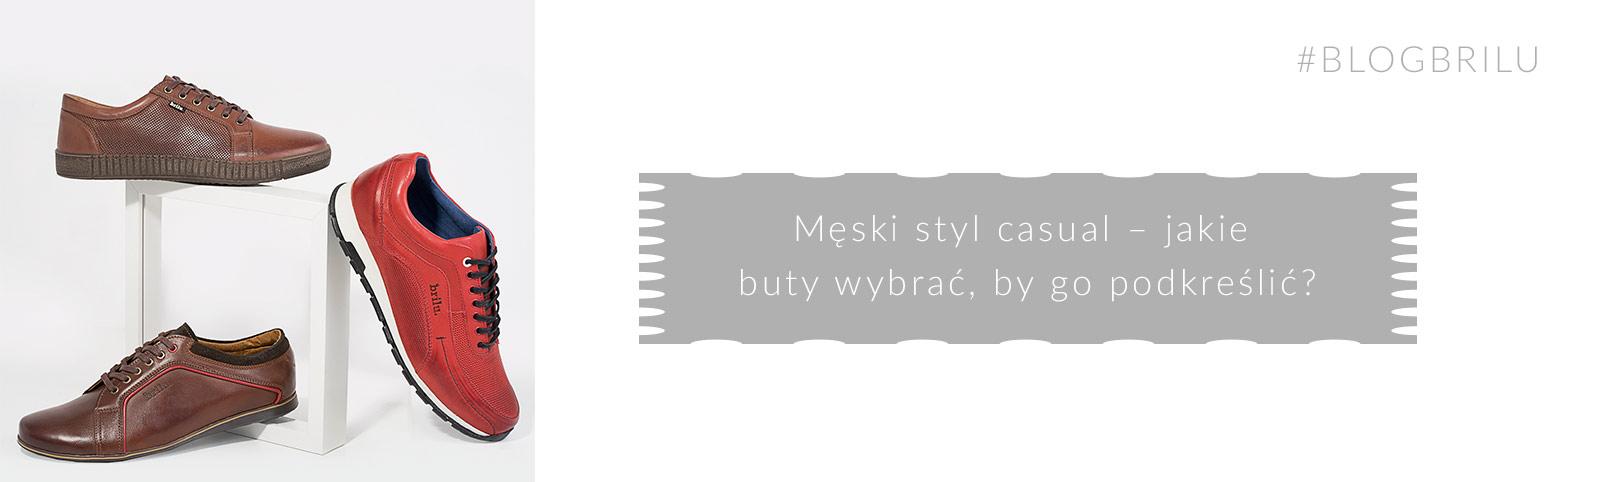 Meski Styl Casual Jakie Buty Wybrac By Go Podkreslic Blog Brilu Pl